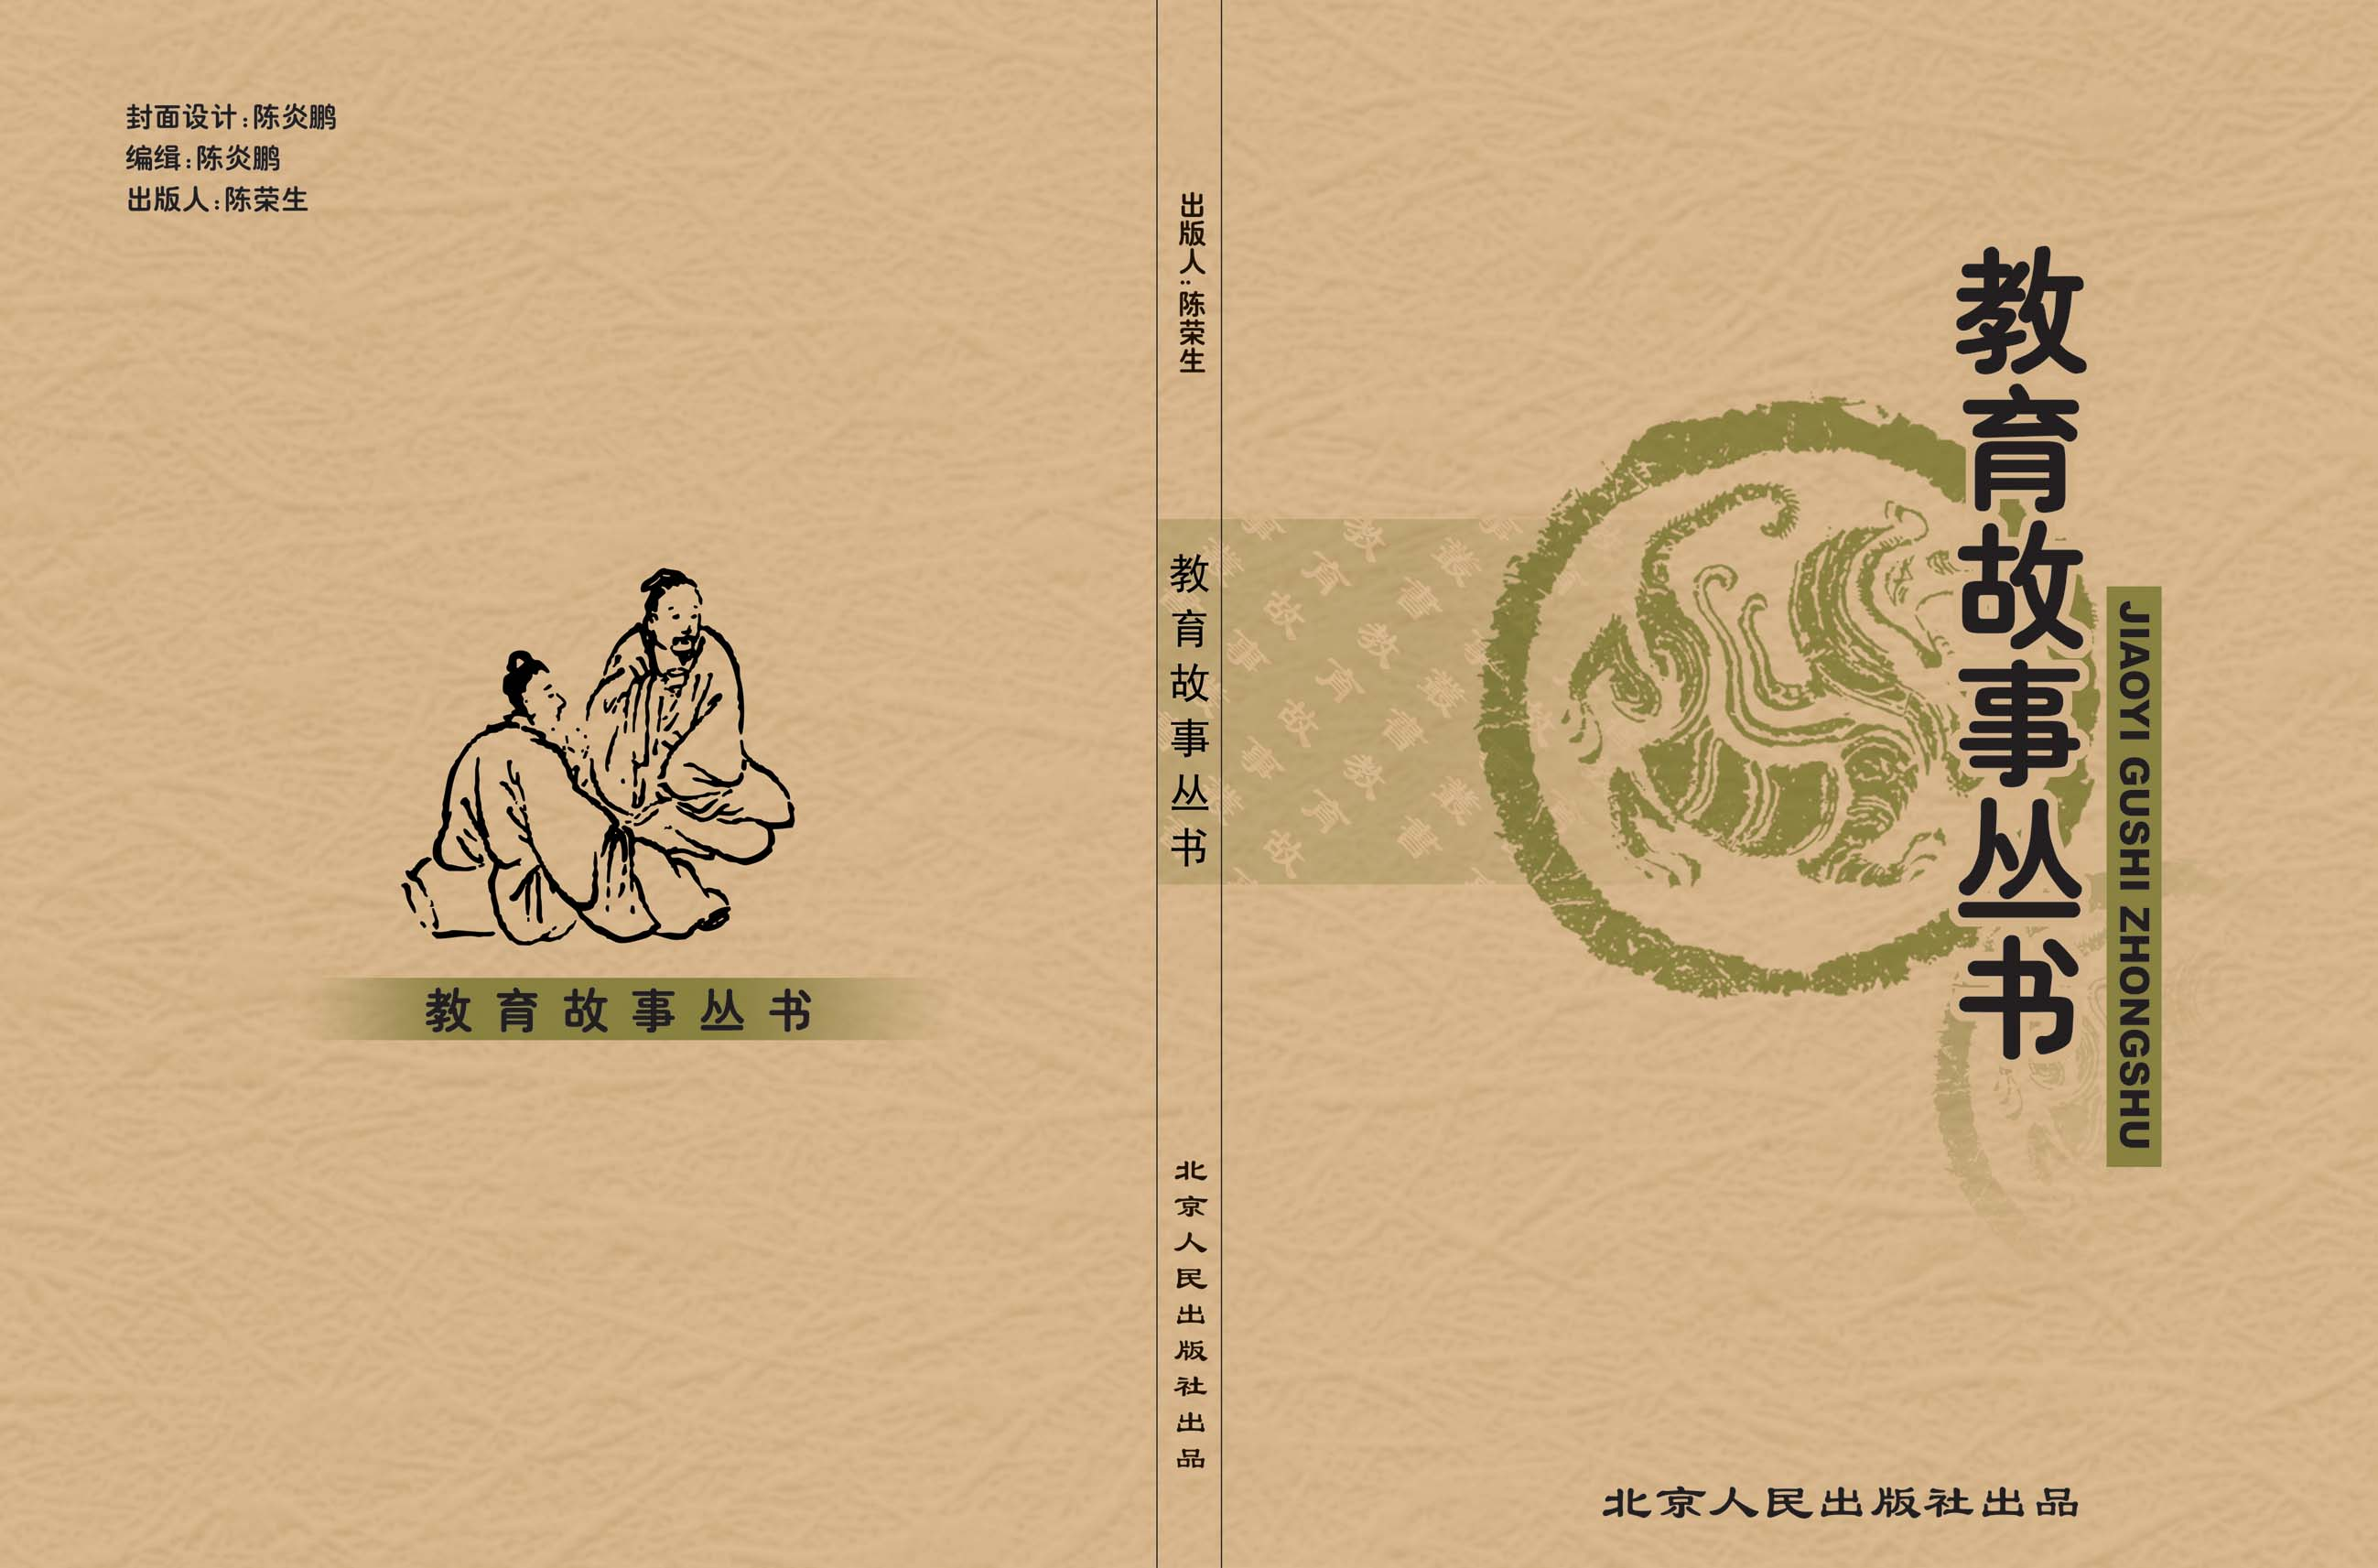 教育故事丛书封面设计 成品尺寸:220*145(封面设计不要出血) 牛皮纸张印刷。 这是一本围绕教育问题的故事集,正文系黑白印刷,用80克轻型纸张印刷,共128个页码。 我们希望丰满设计,适当体现一点中国的和教育的特点。 如果能用黑白的效果表现更好。 提供封面的同时请提供成品的立体效果图。 鉴于与设计人员联系的不便,出版社以后有权在修改的基础上使用本封面。 此任务以前发布过,选用过其中的一副作品,现在根据作者及读者的要求重新发布任务 尤其说明的是:有文学性的前提下,略微时尚、活泼、新颖,更适合青年教师读